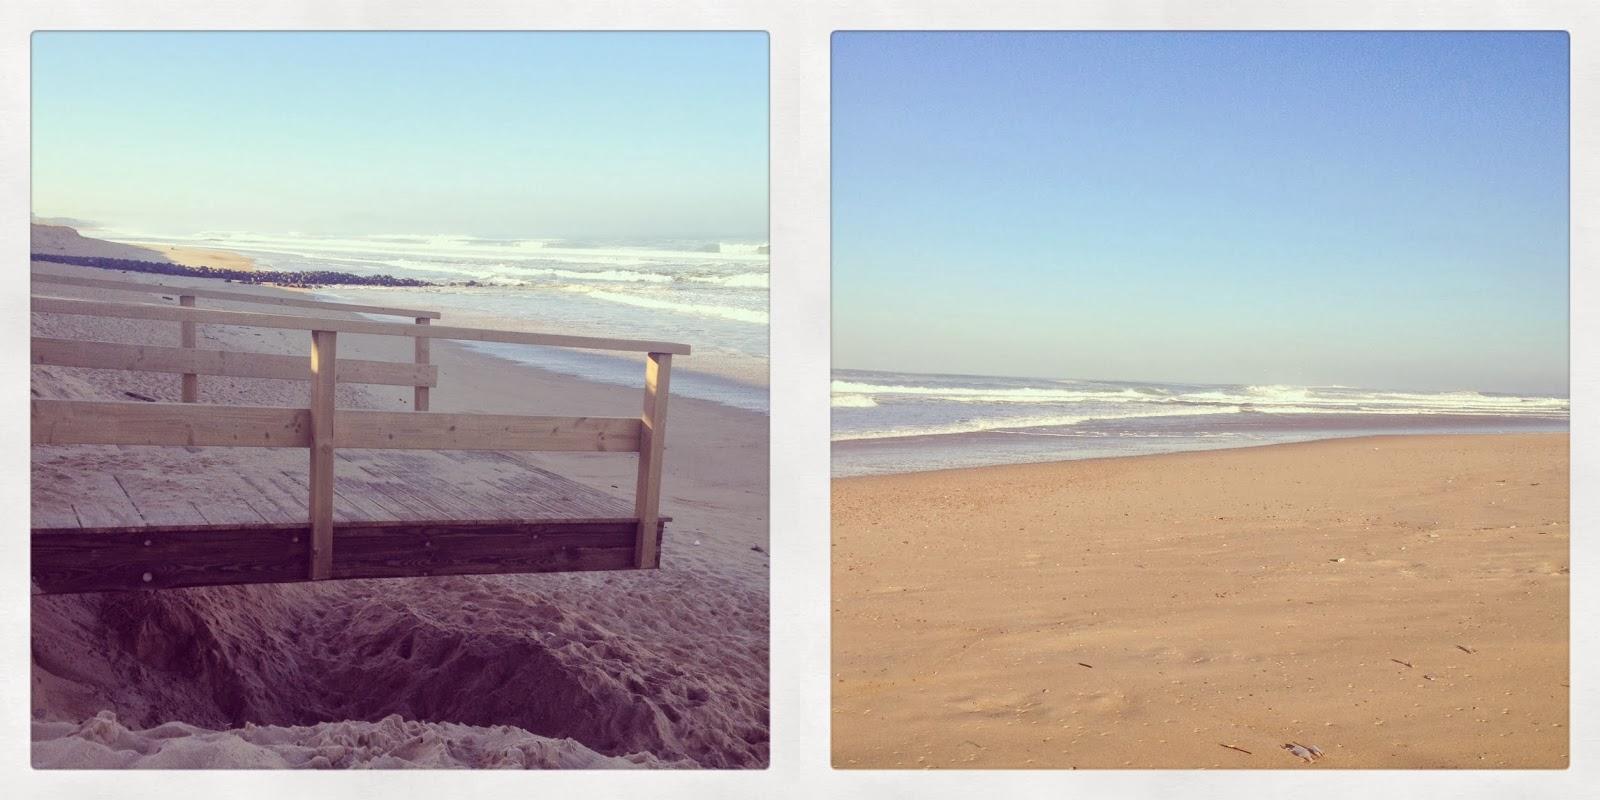 la plage,seignosse,hossegor,les estagnots,dune